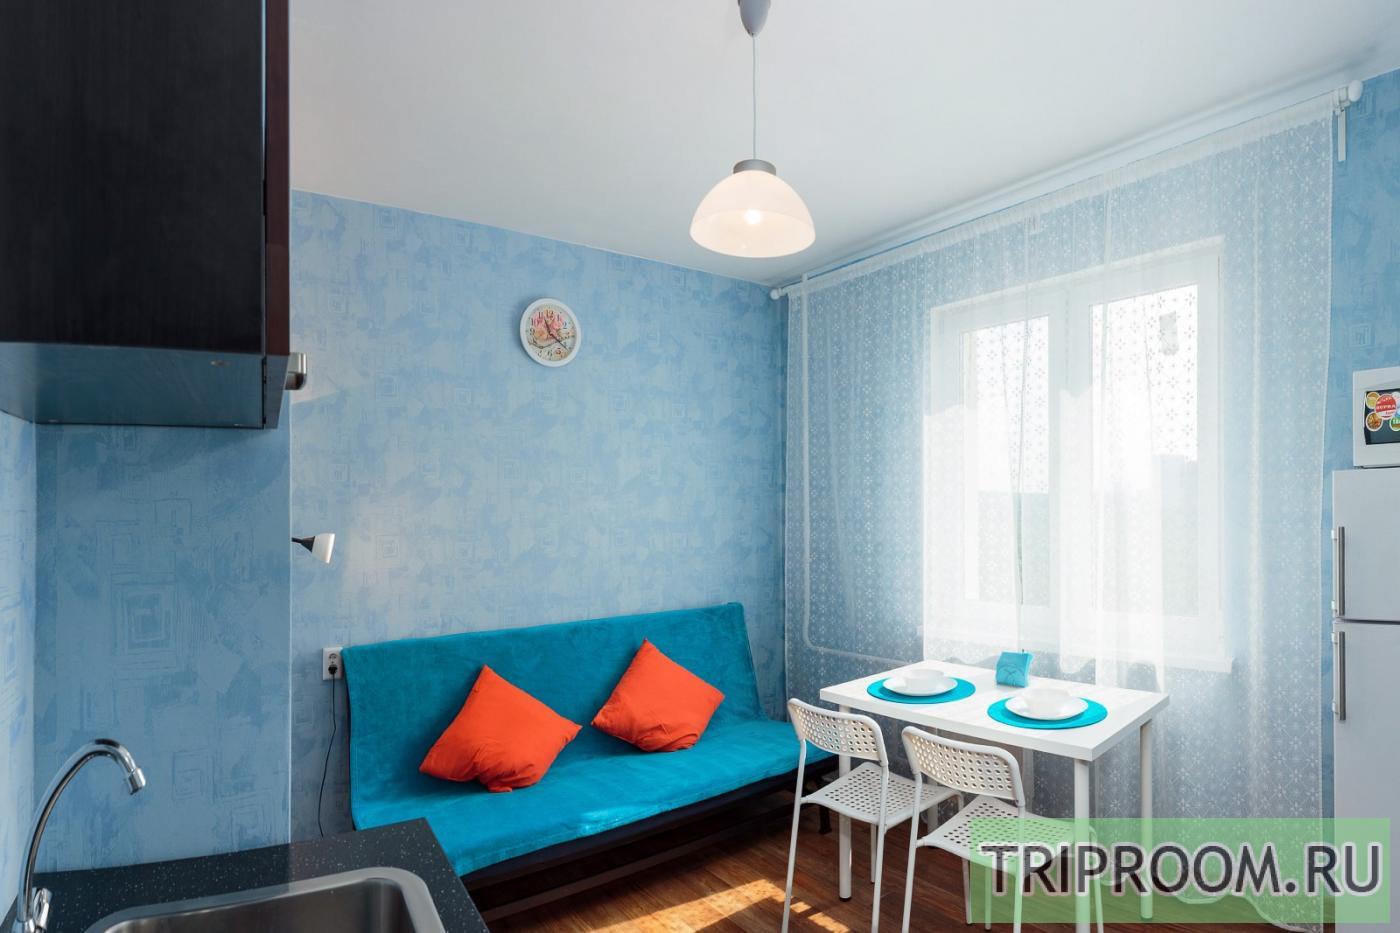 1-комнатная квартира посуточно (вариант № 16235), ул. Анатолия Мехренцева улица, фото № 7